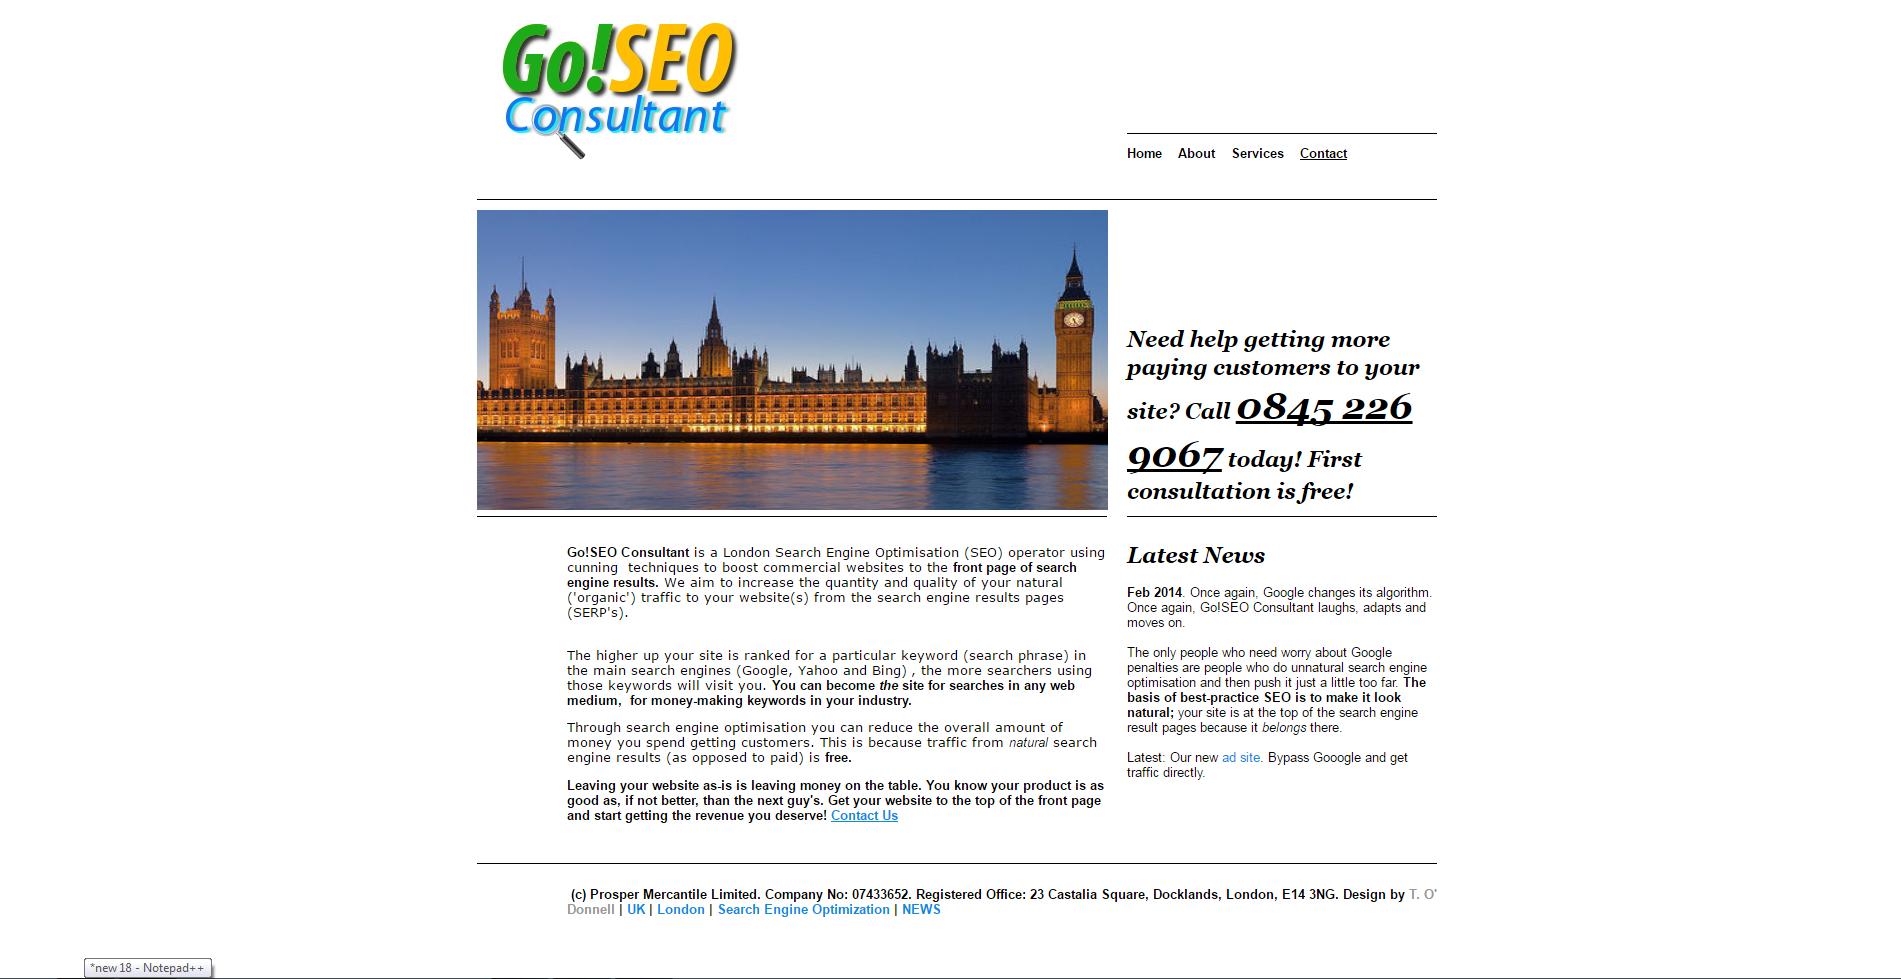 tt-website-design-screenshots5